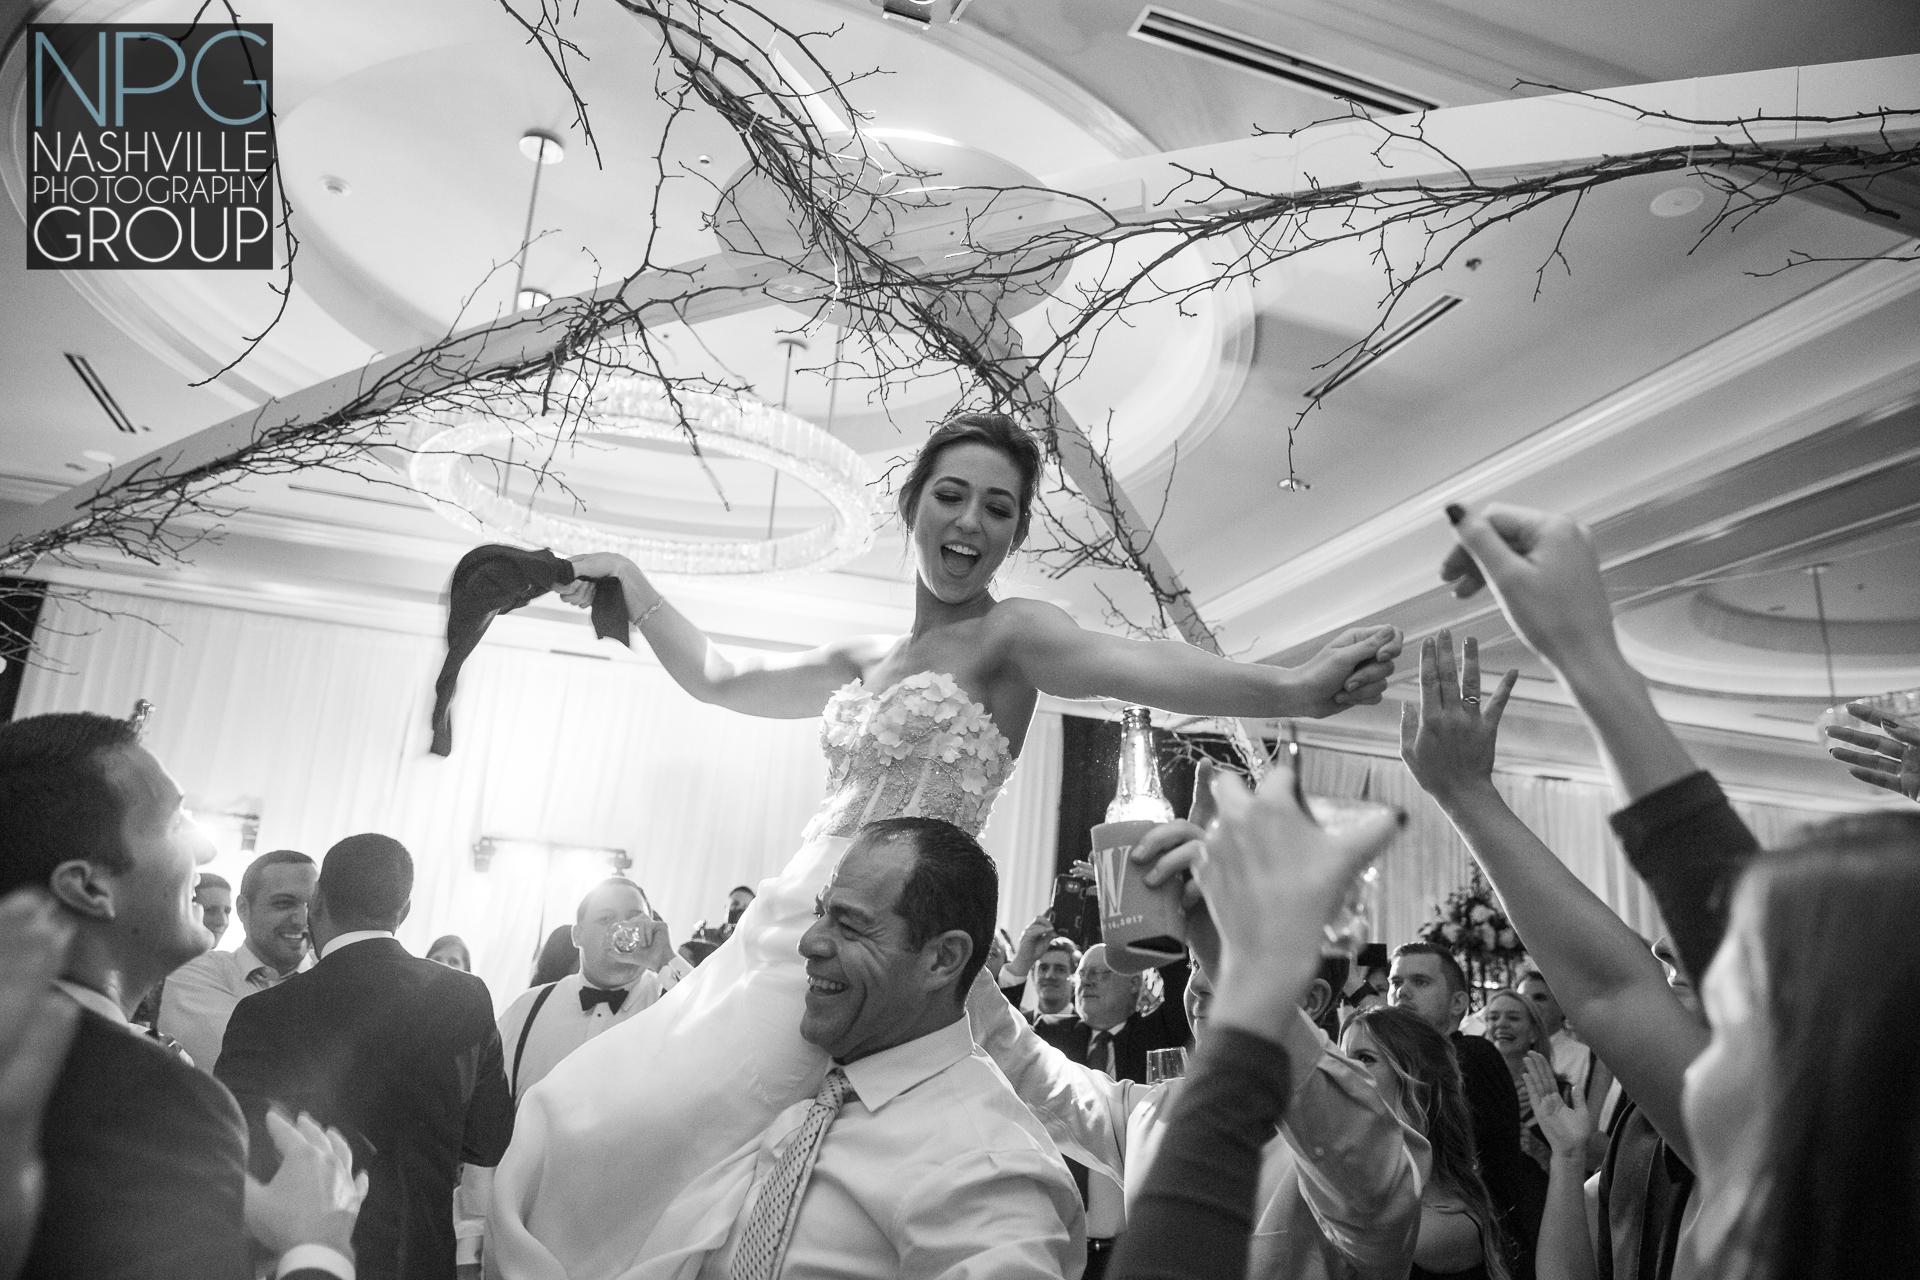 Nashville Photography Group wedding photographers-8-2.jpg